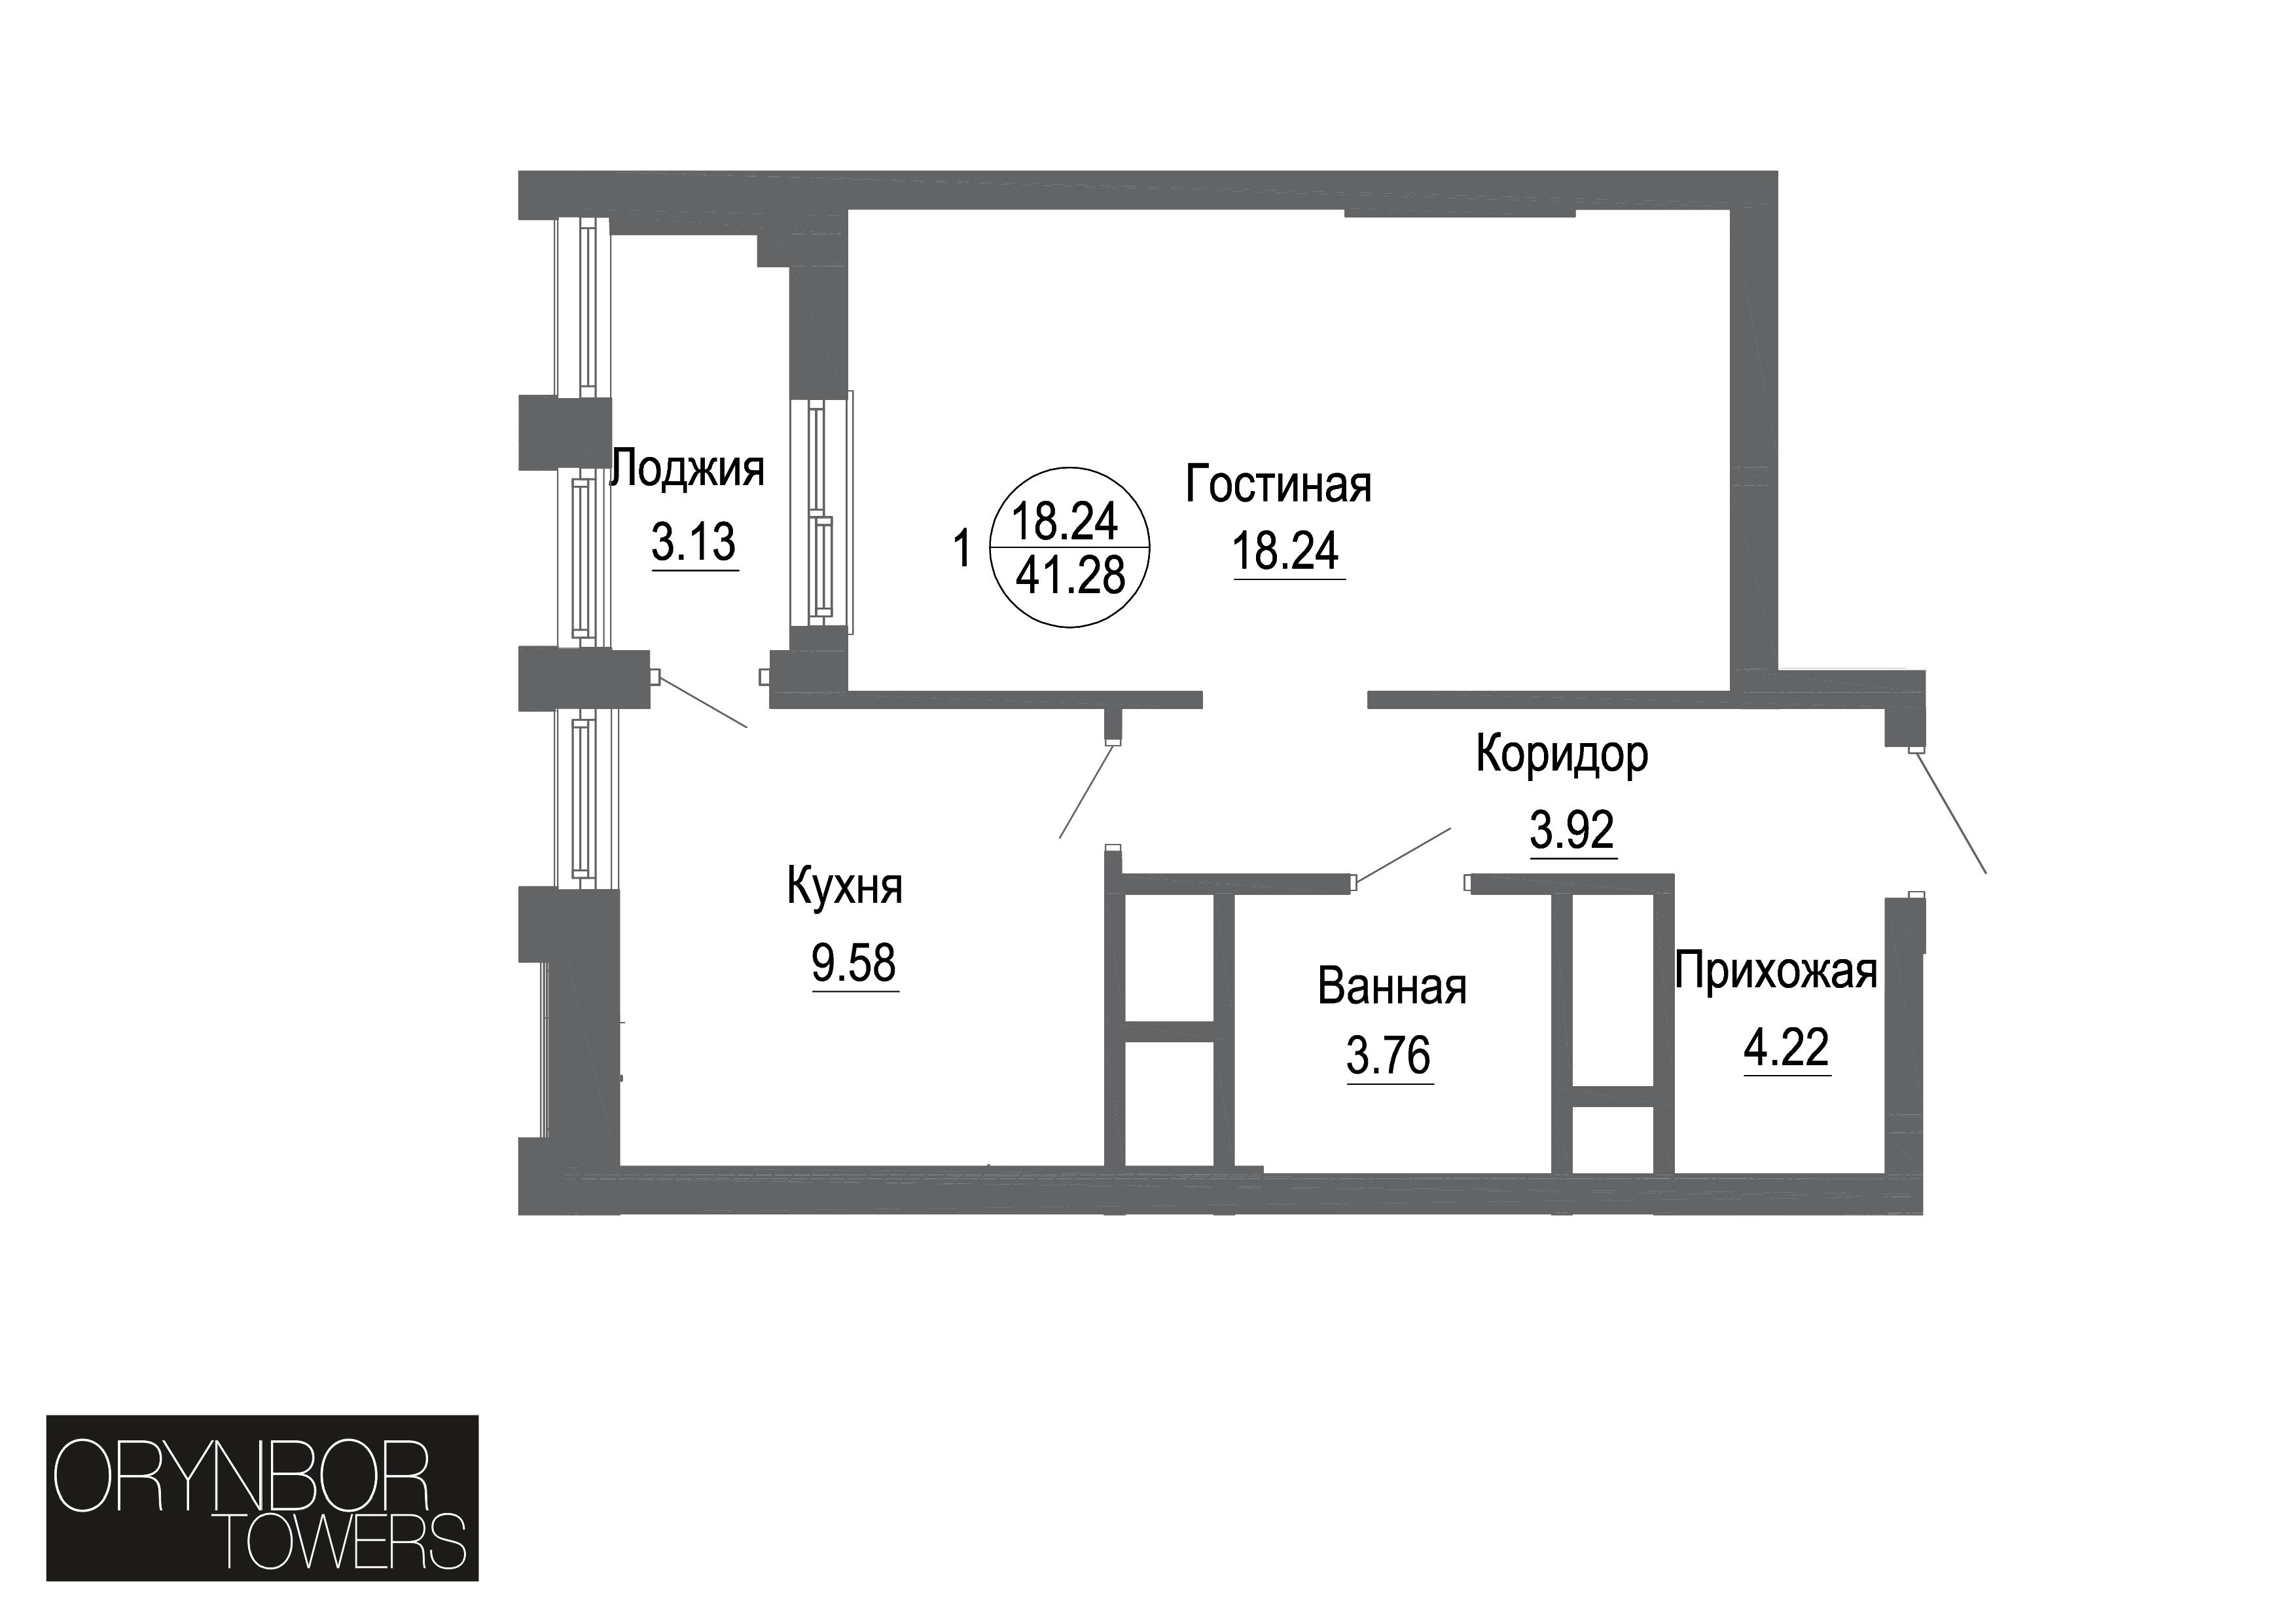 Блок 13, Пәтер 163